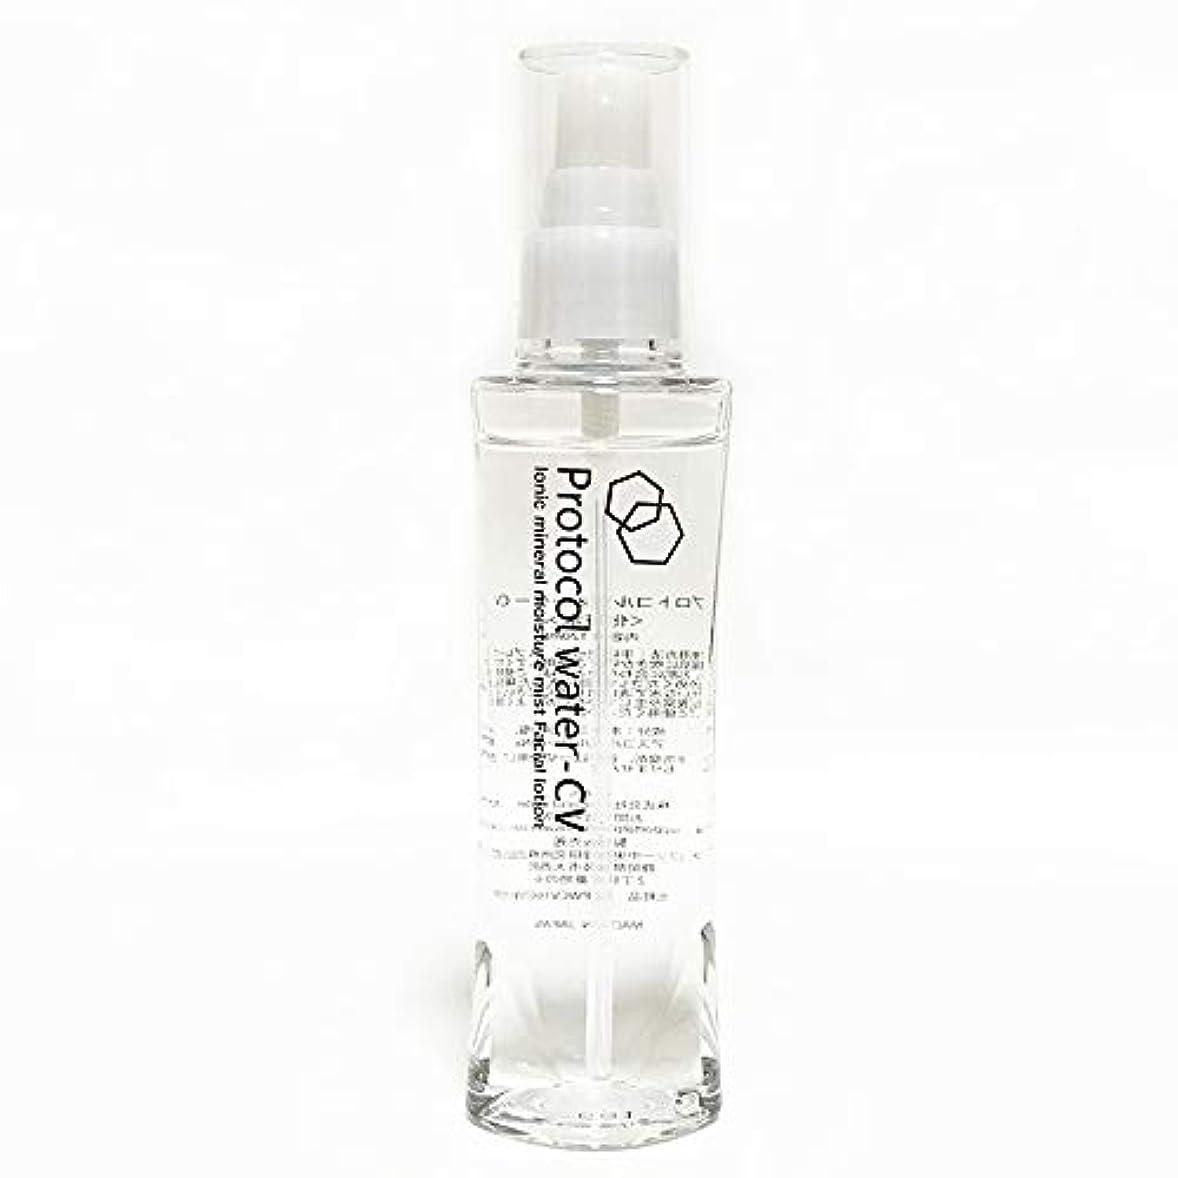 プロトコルウォーターCV オーガニック防腐剤フリー無香料マイナスイオン化粧水 H2O&ミネラル塩+ビタミンC誘導体配合 120ml